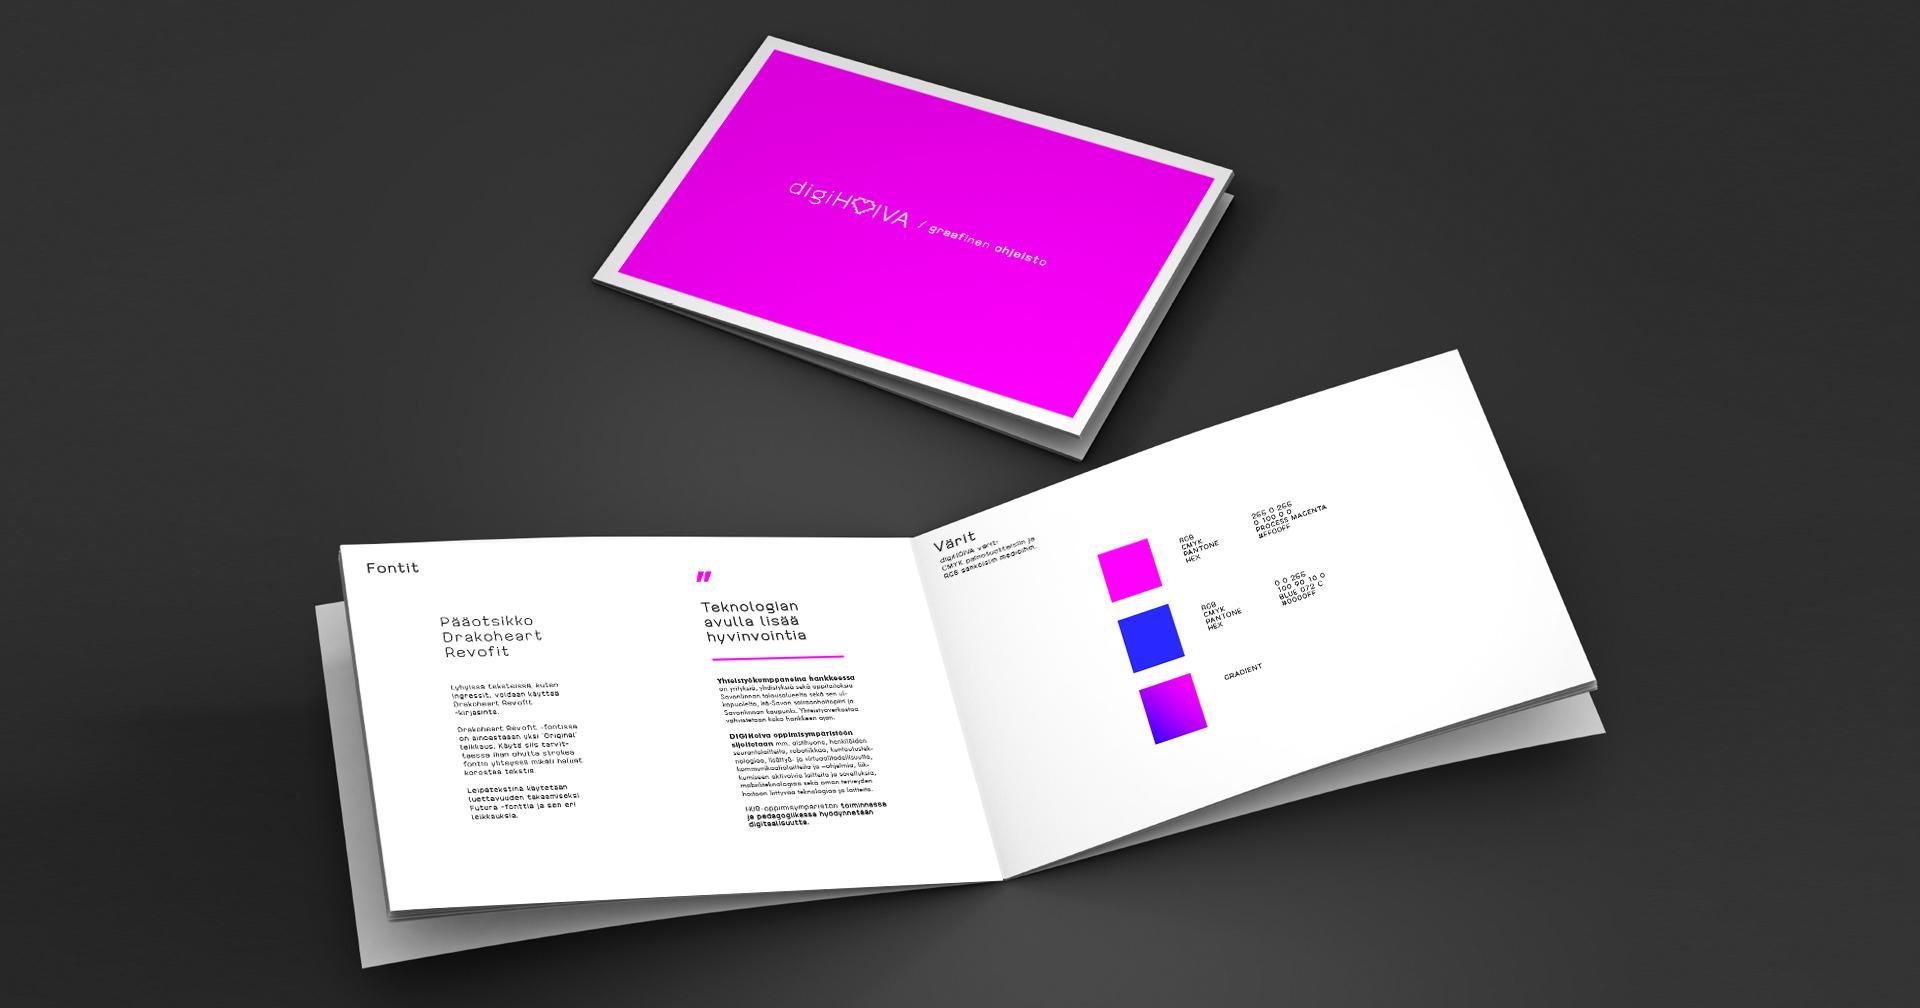 Työnäyte: digiHOIVA - visuaalinen ilme - roll up julkaisun suunnitteluTyönäyte: digiHOIVA - esite julkaisun suunnittelu ja toteutus, visuaalinen ja graafinen suunnittelu sekä logon ja tunnuksen suunnittelu